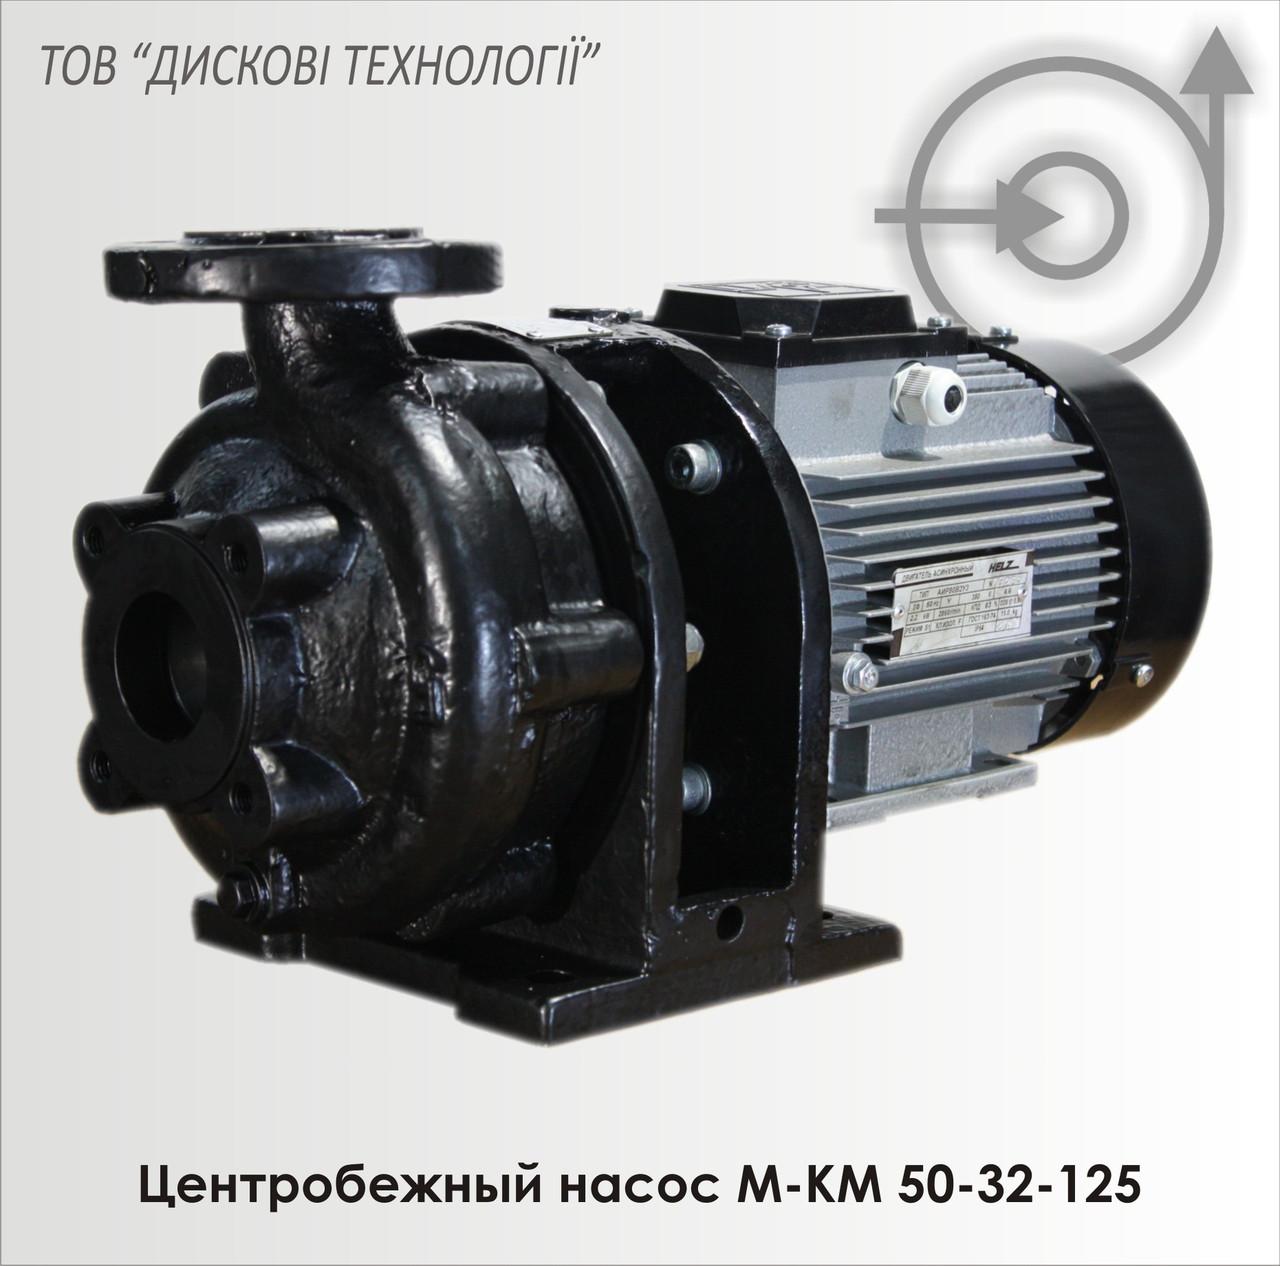 Насос для воды М-КМ 50-32-125 с торцевым уплотнением